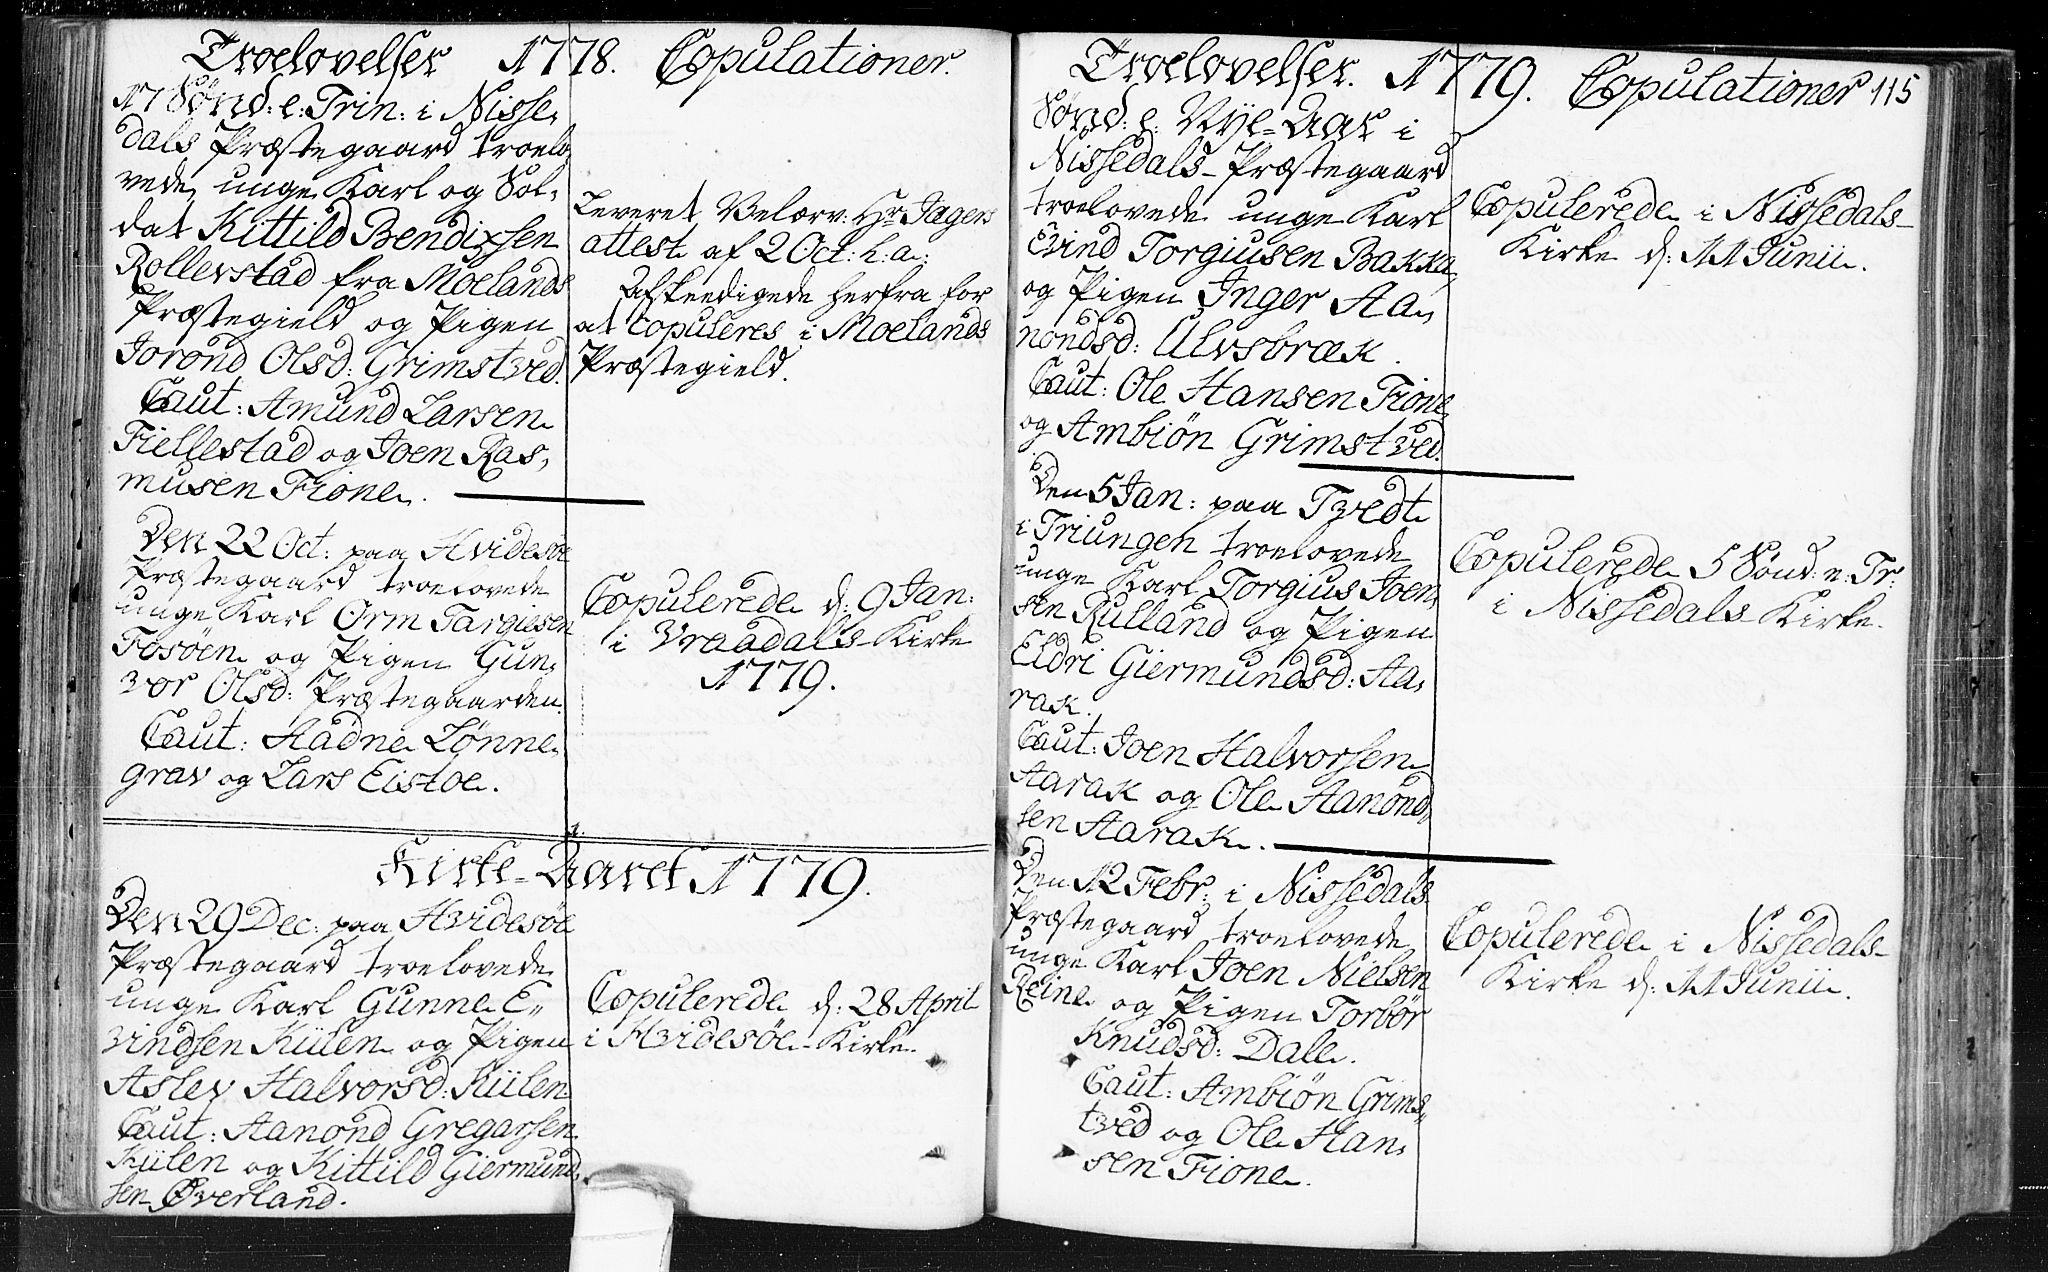 SAKO, Kviteseid kirkebøker, F/Fa/L0002: Ministerialbok nr. I 2, 1773-1786, s. 115